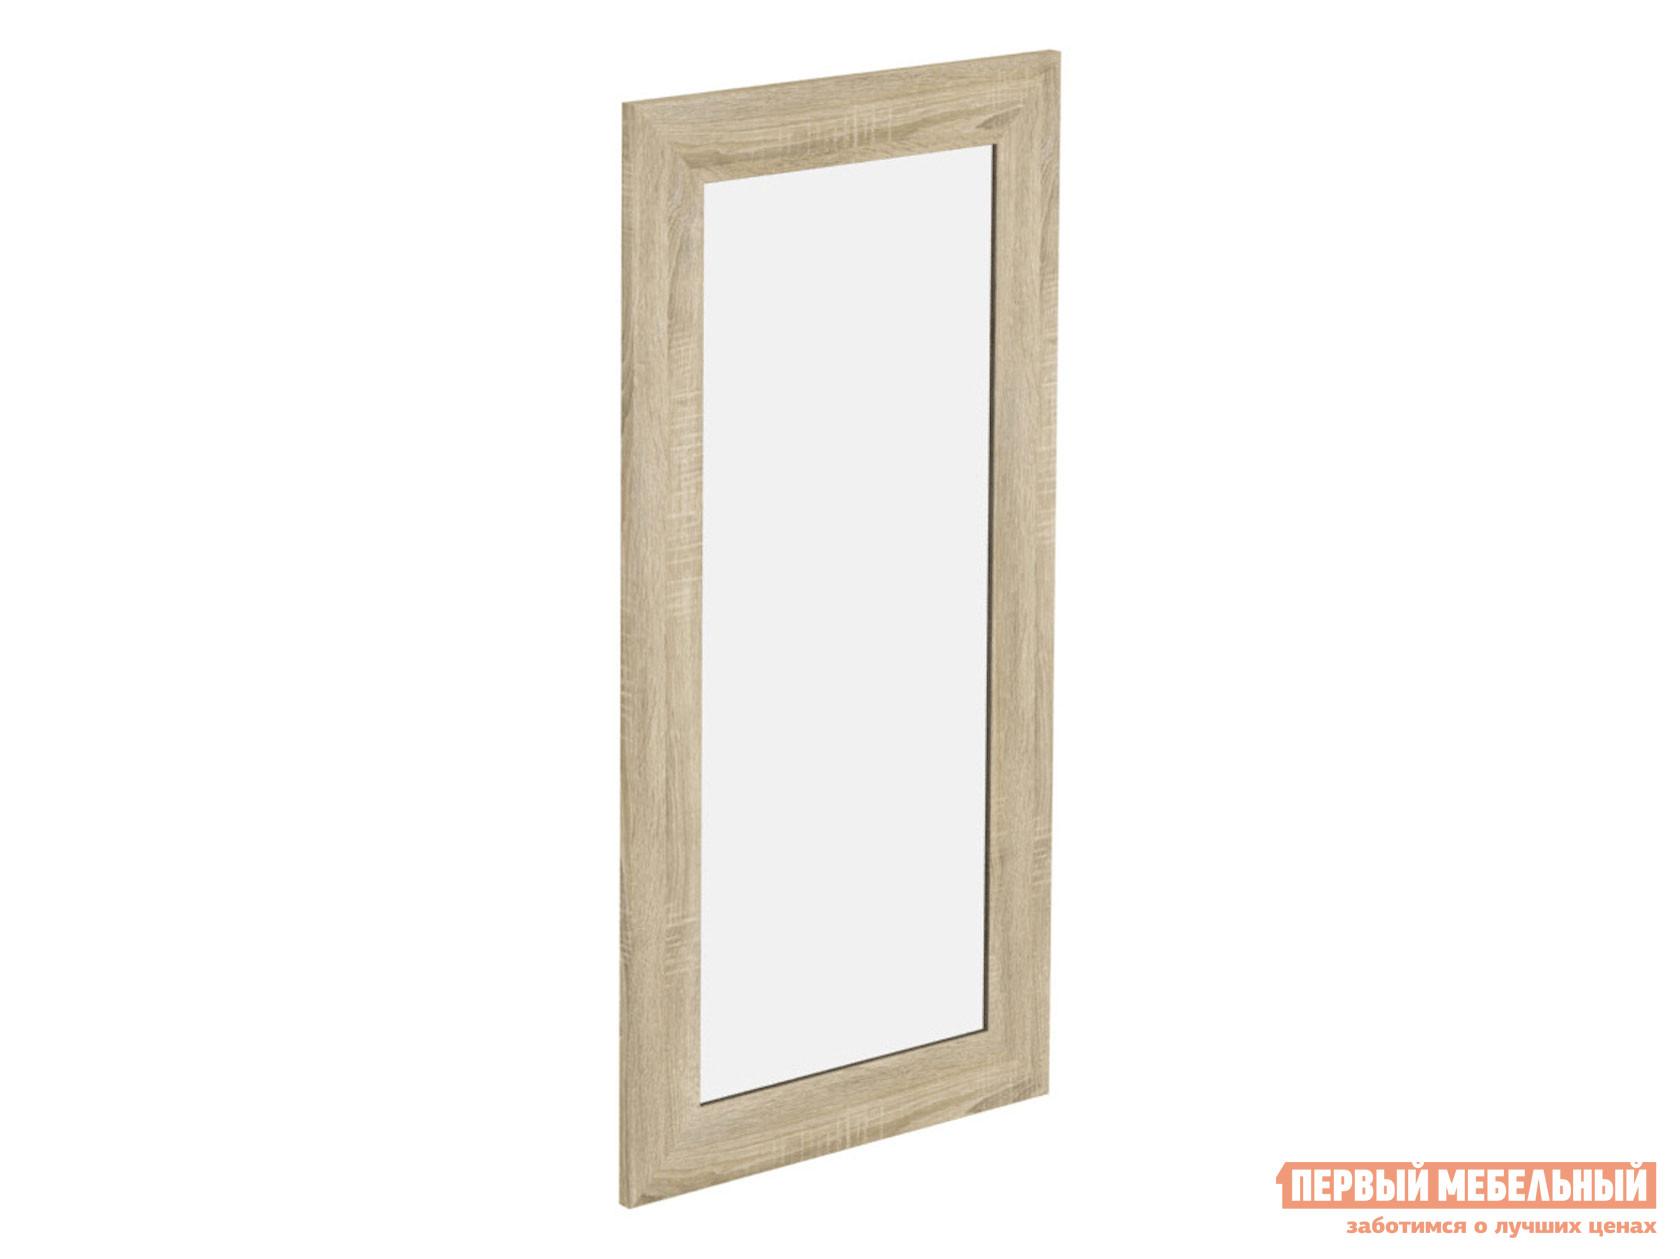 Настенное зеркало Первый Мебельный Зеркало ЗП851.01 для прихожей настенное зеркало первый мебельный зеркало линате